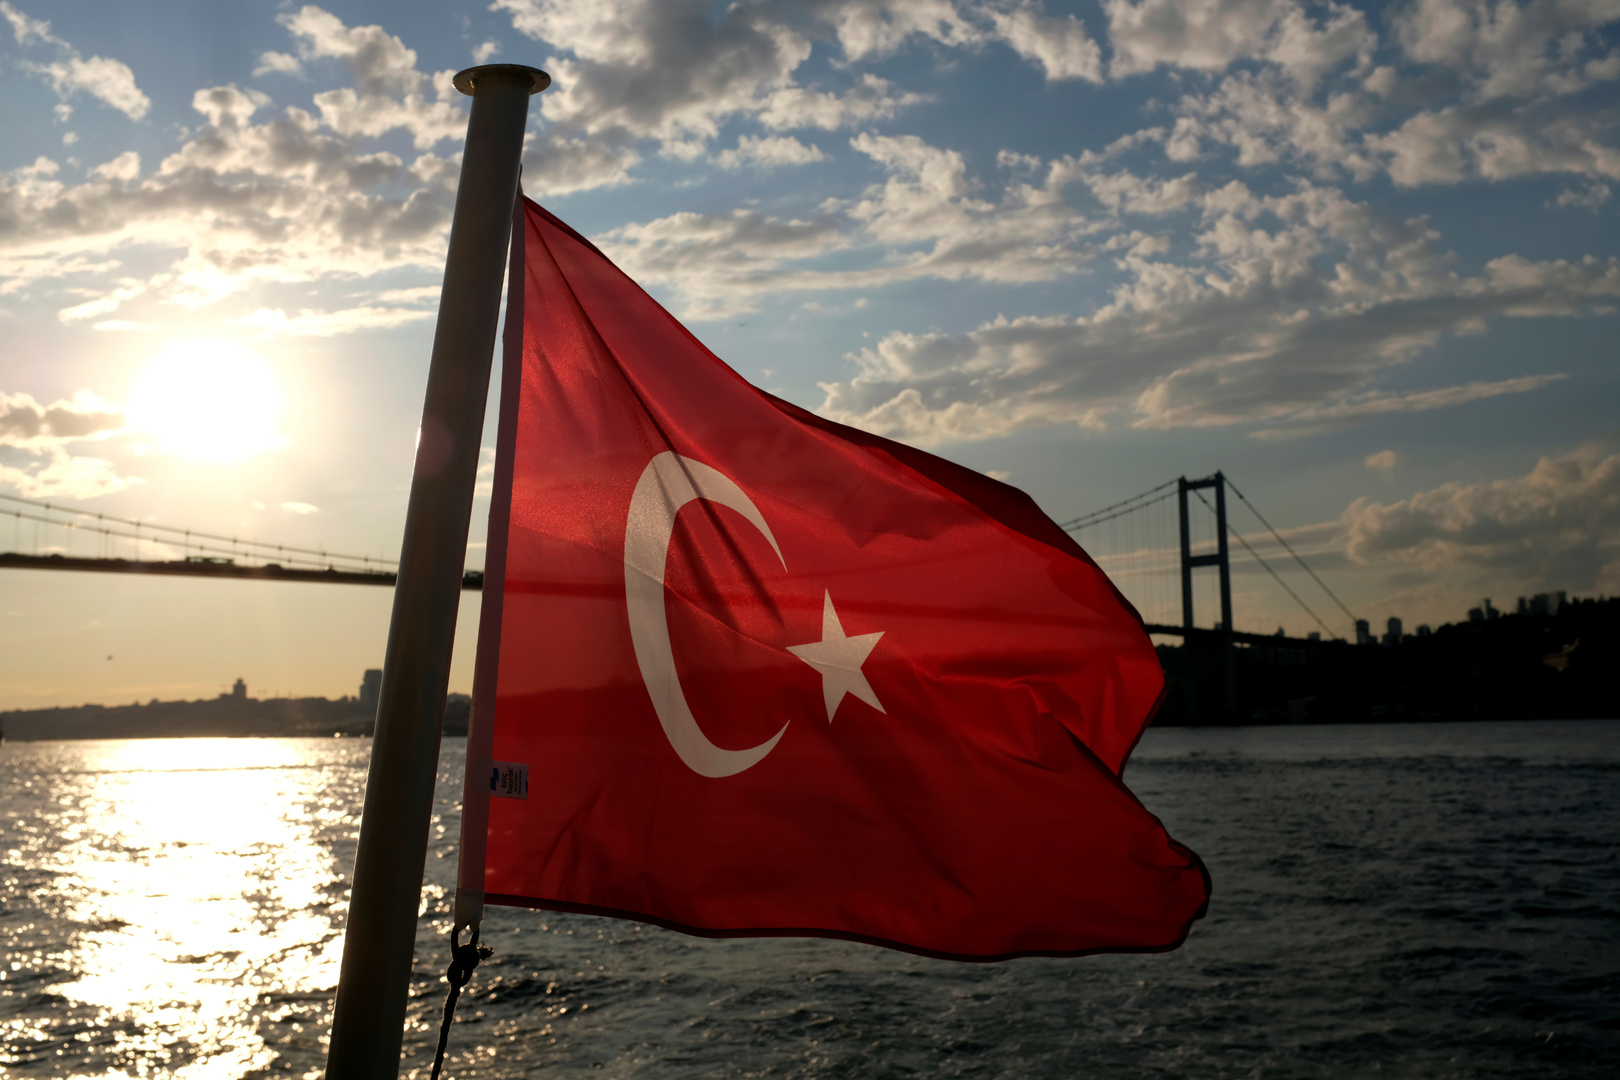 أنقرة: موقع تركيا في اتفاقية باريس للمناخ غير منصف